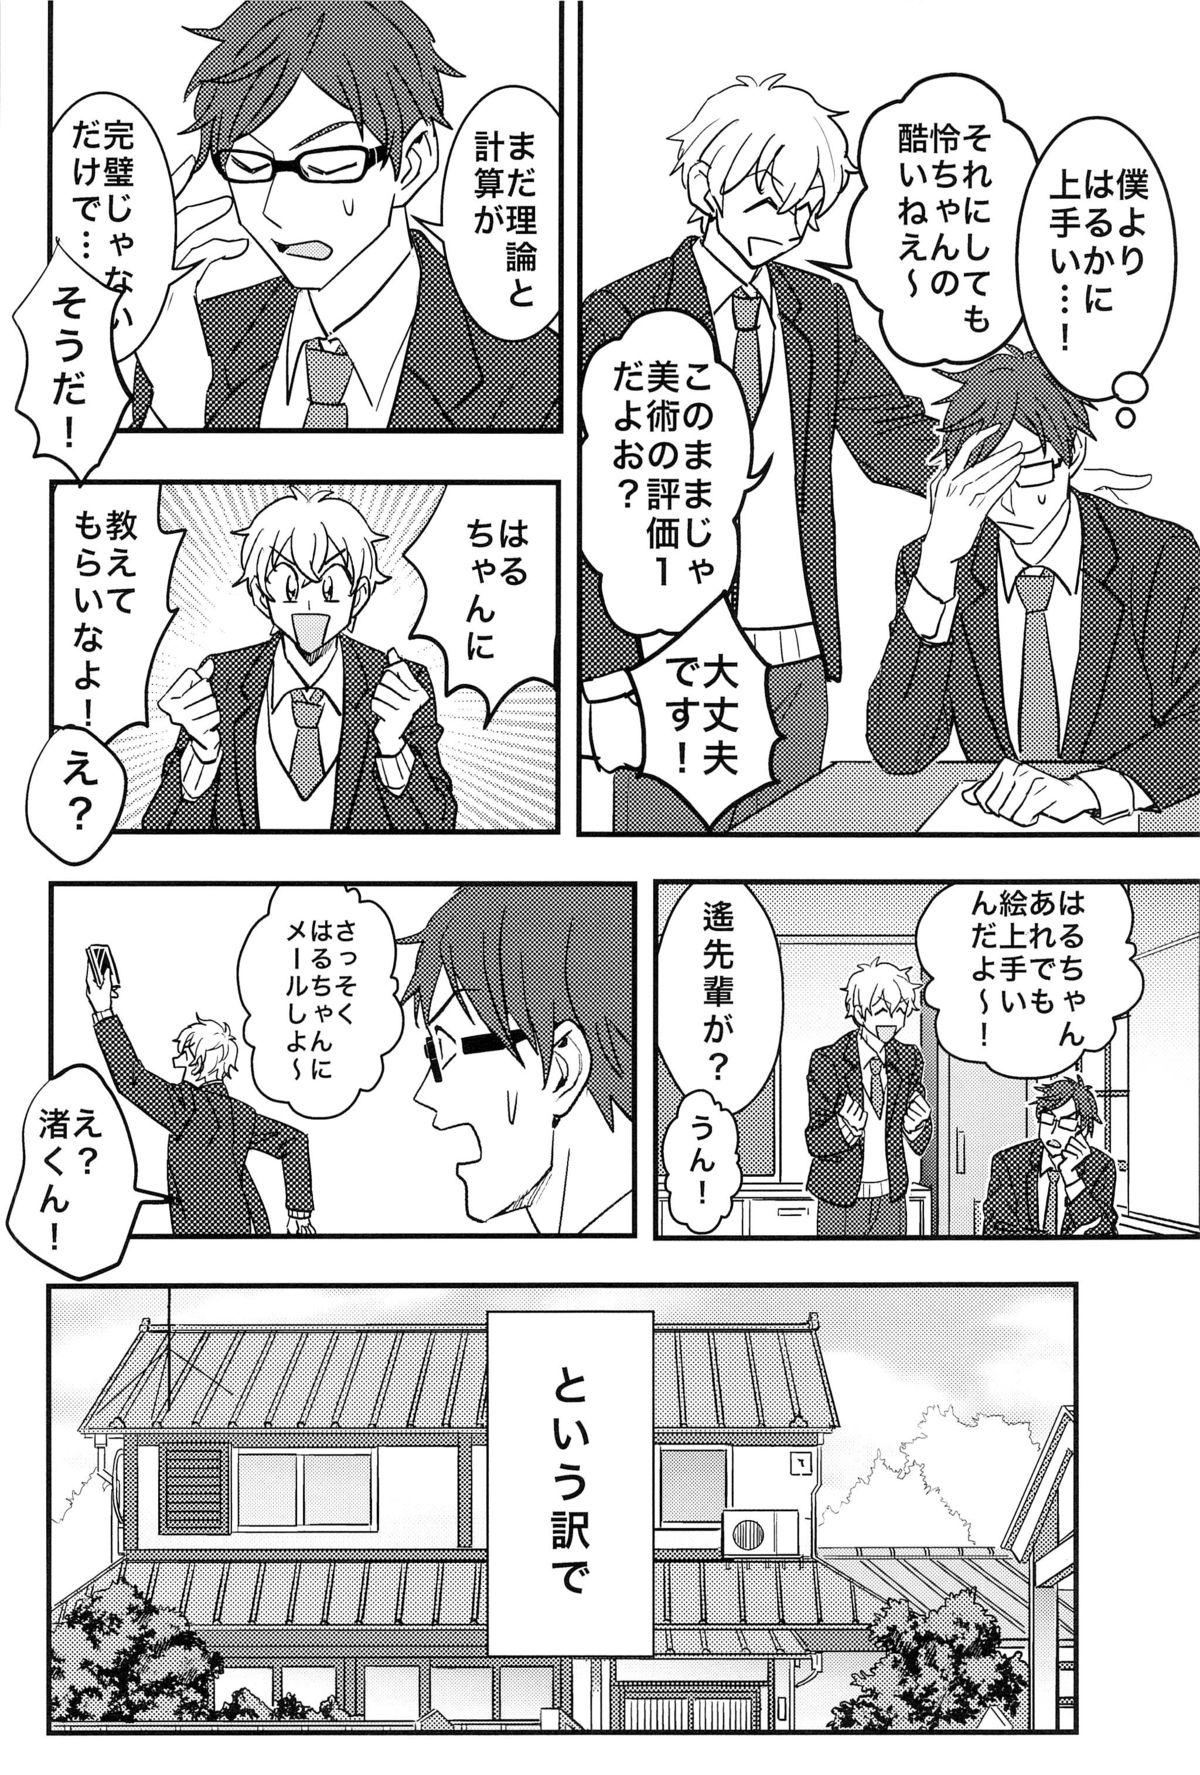 Boku no Riron de Uketetachimasu 19